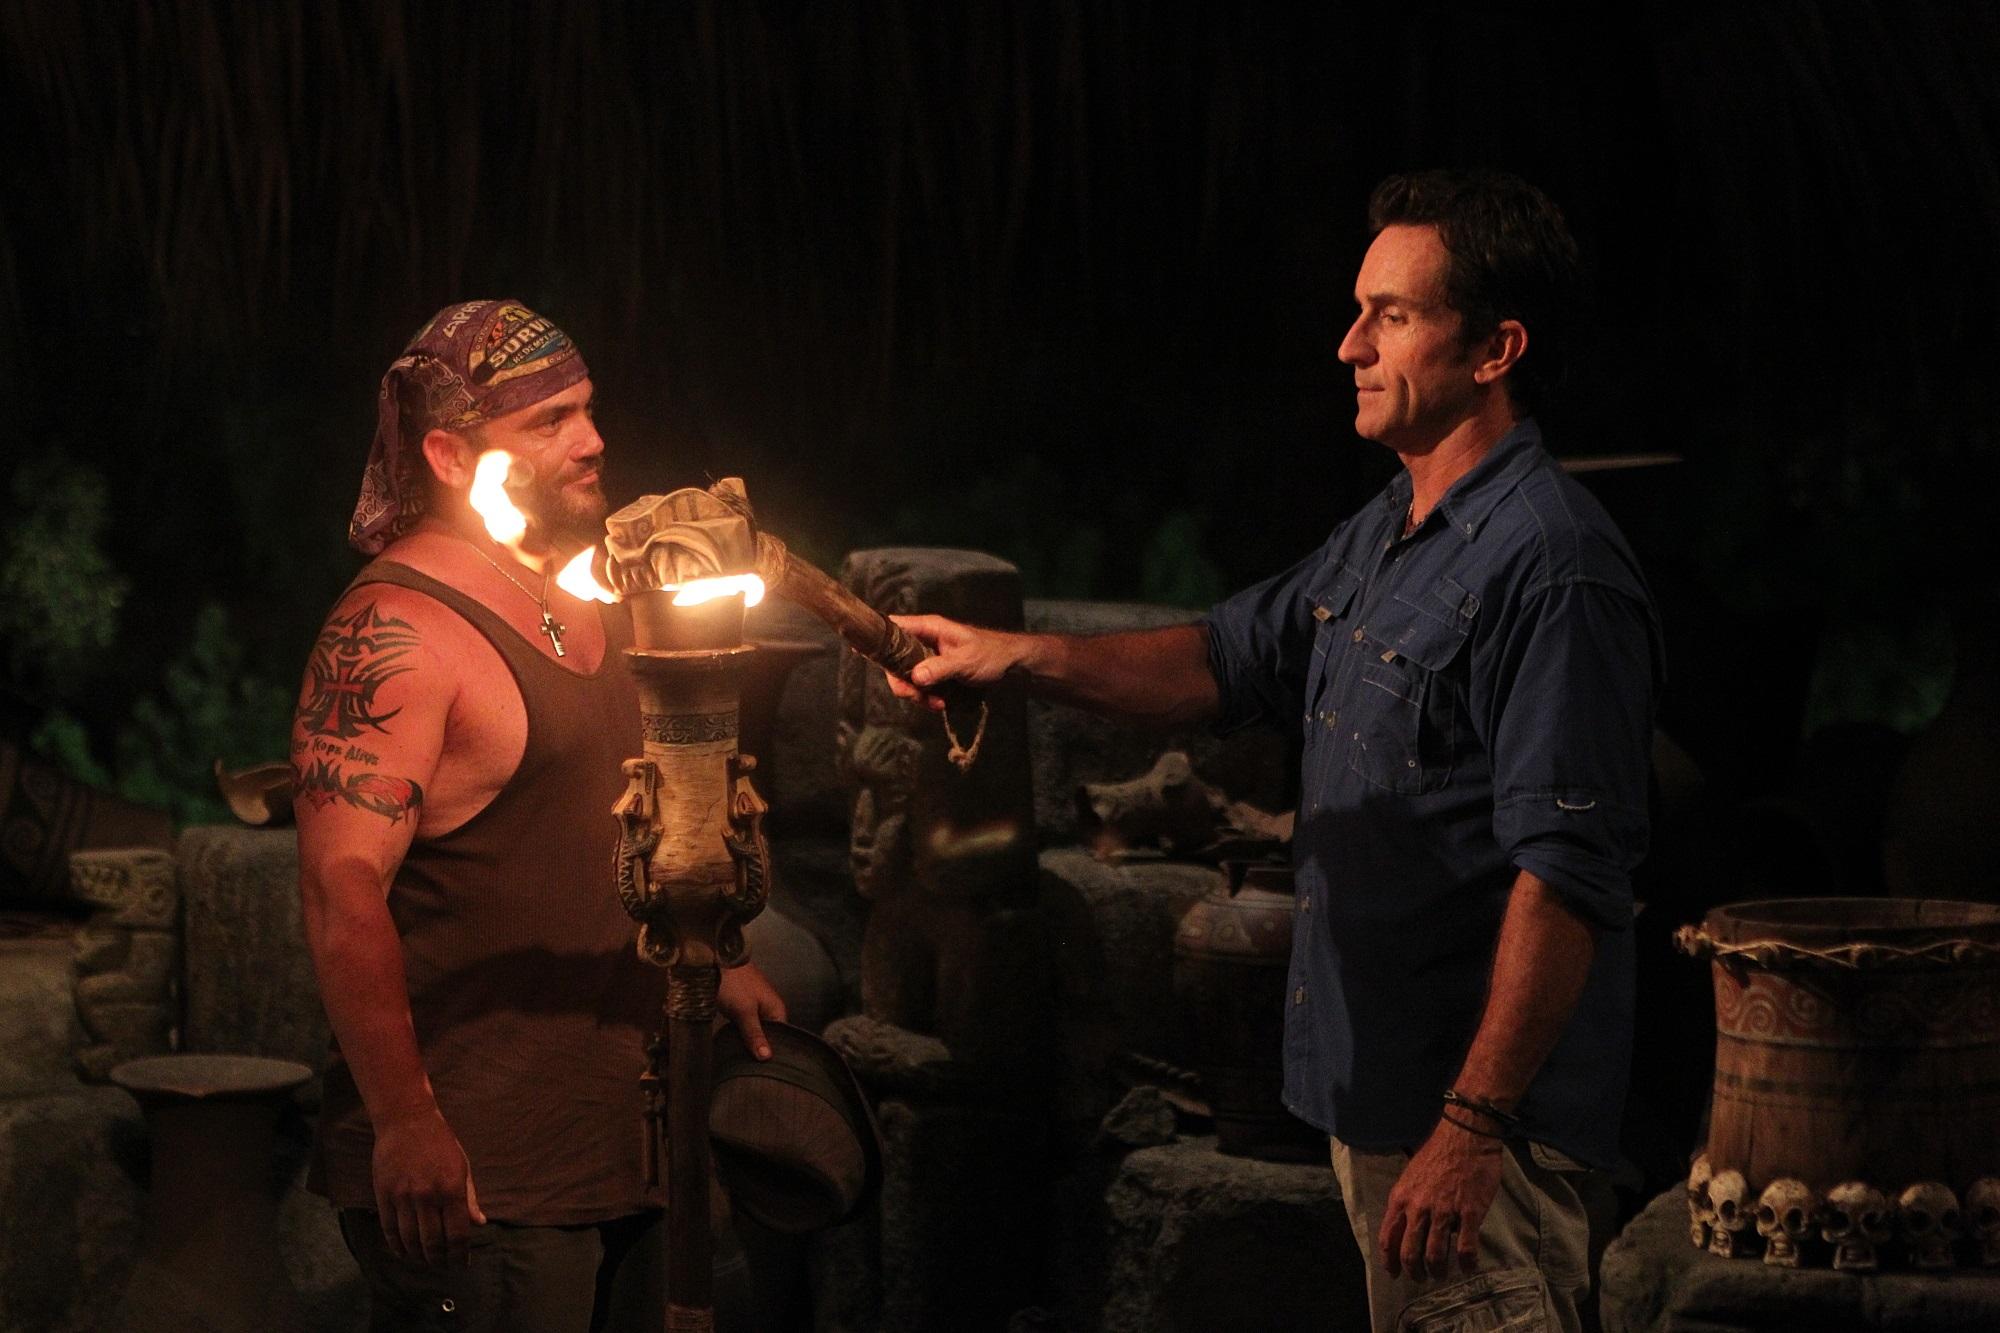 Russell Hantz and Jeff Probst of Survivor -- is Russell Hantz a good 'Survivor' player?